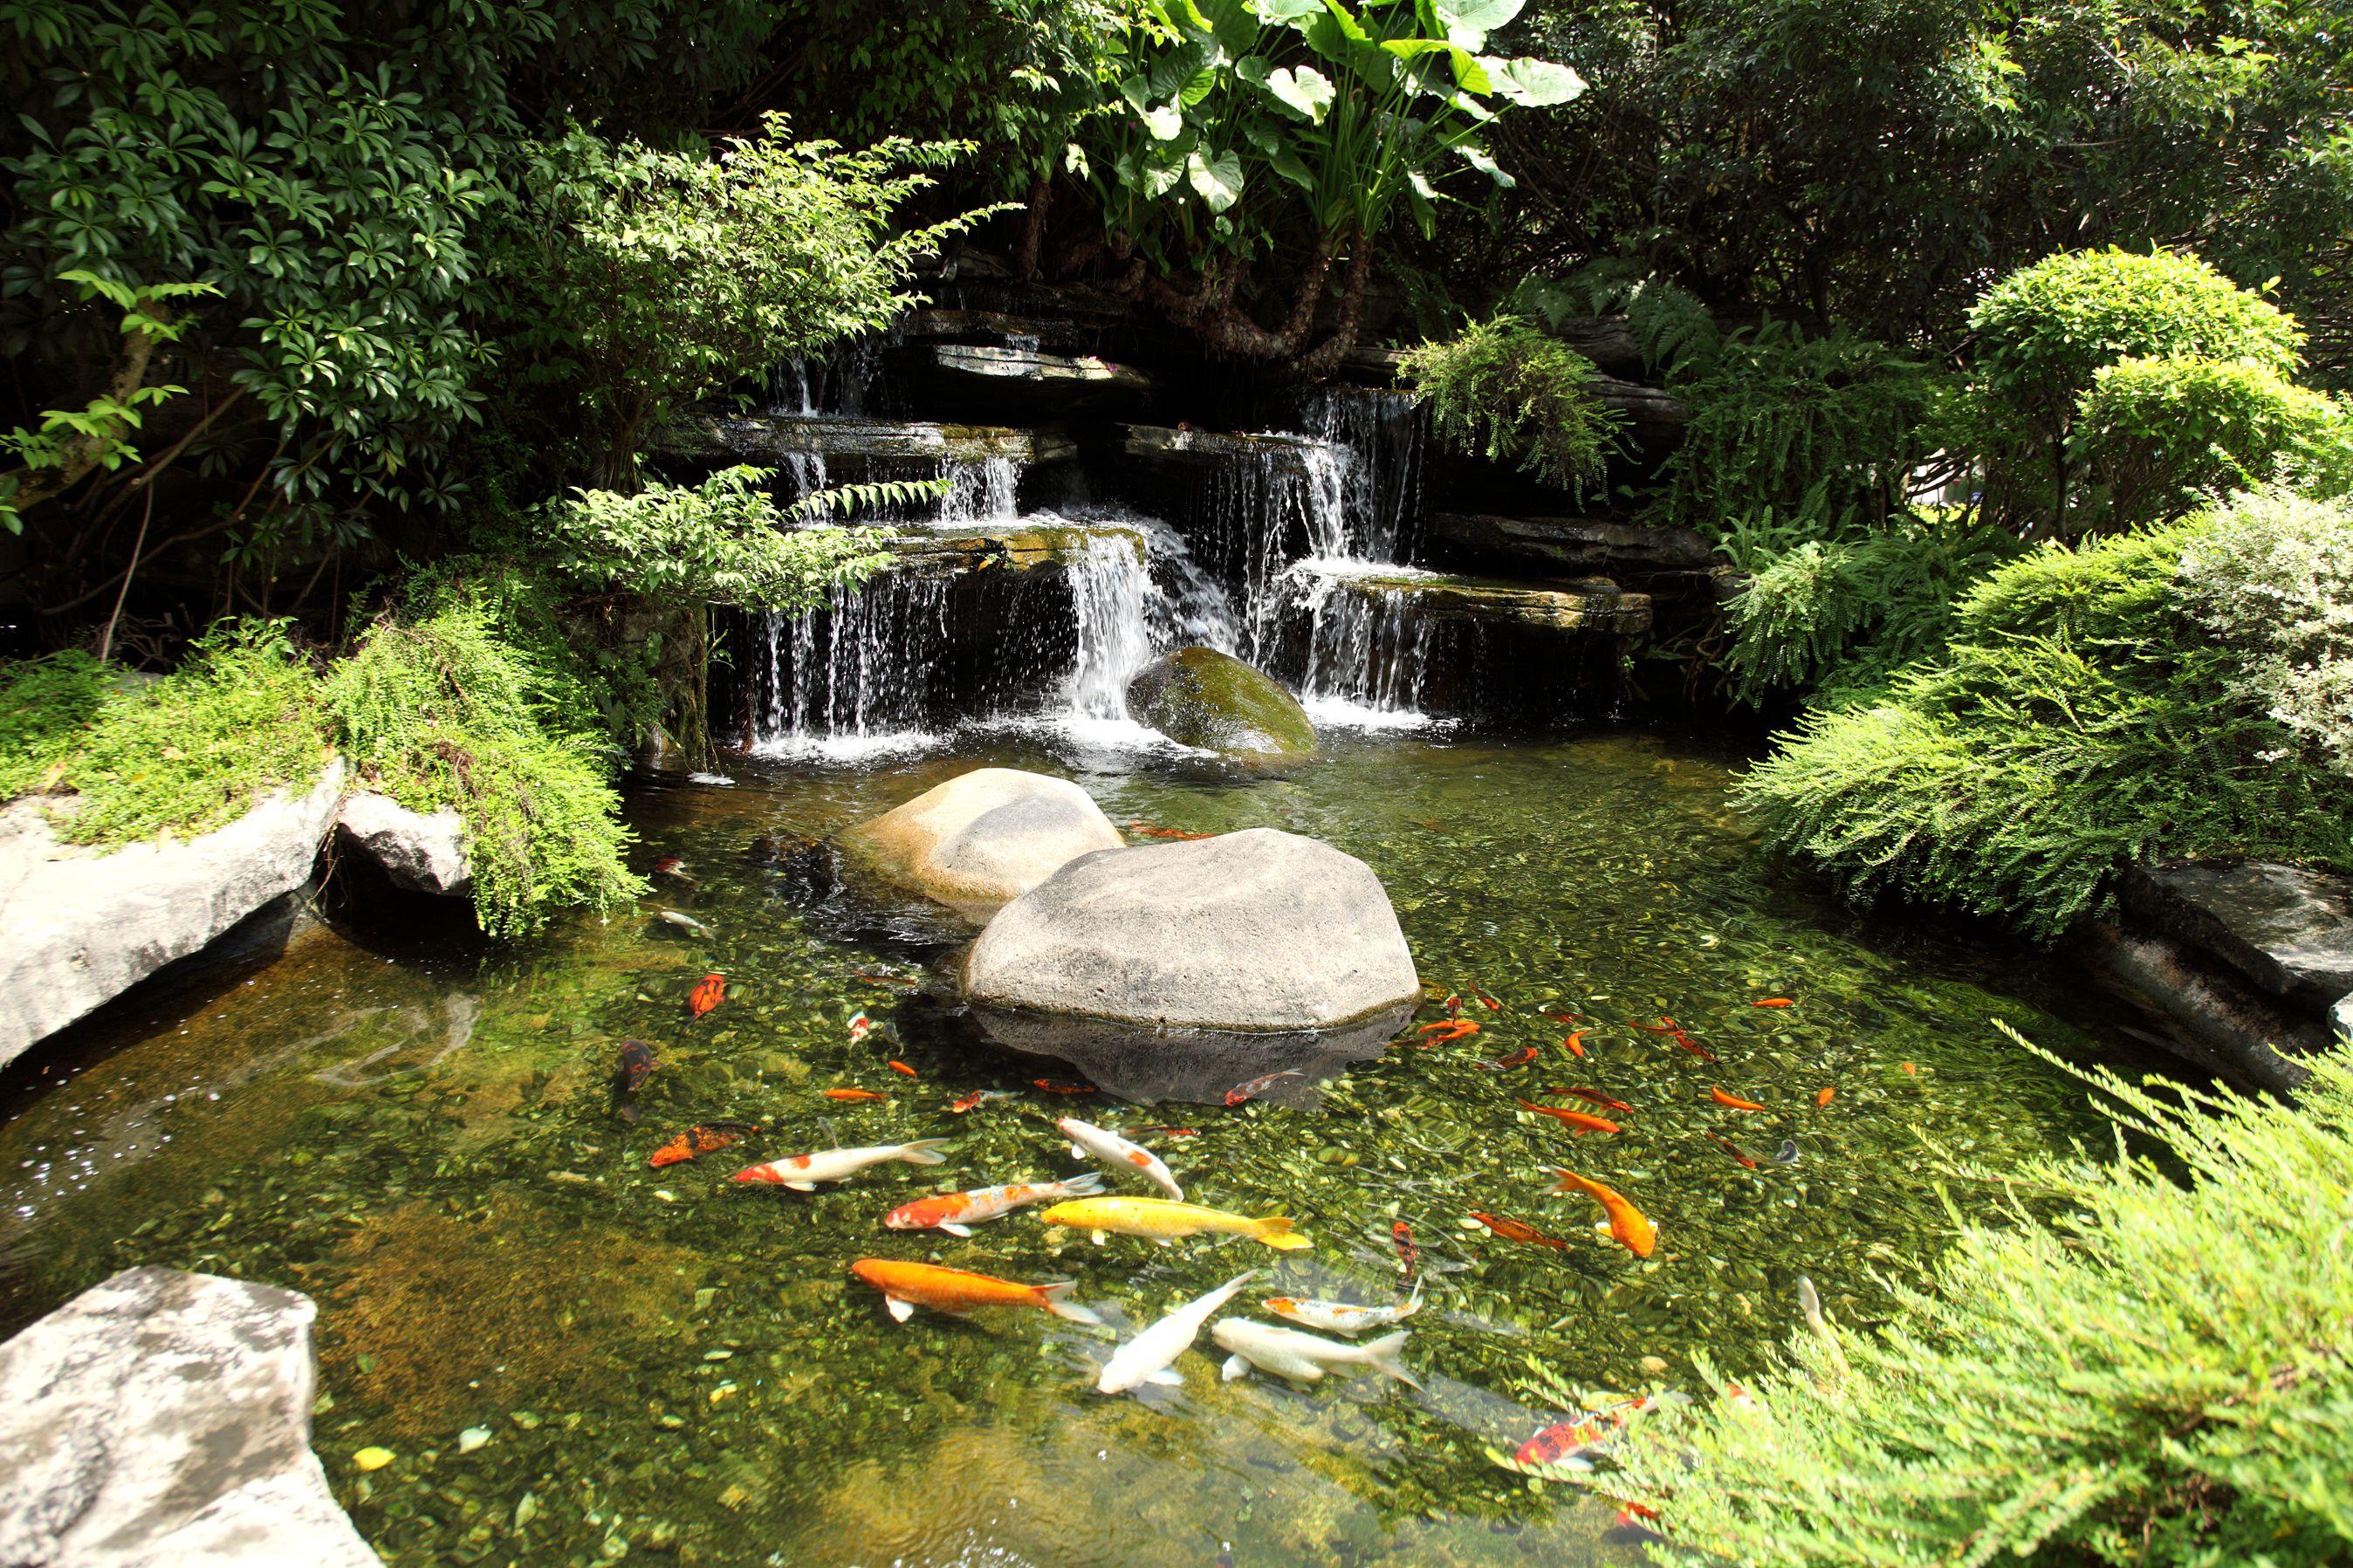 锦鲤鱼池生态系统